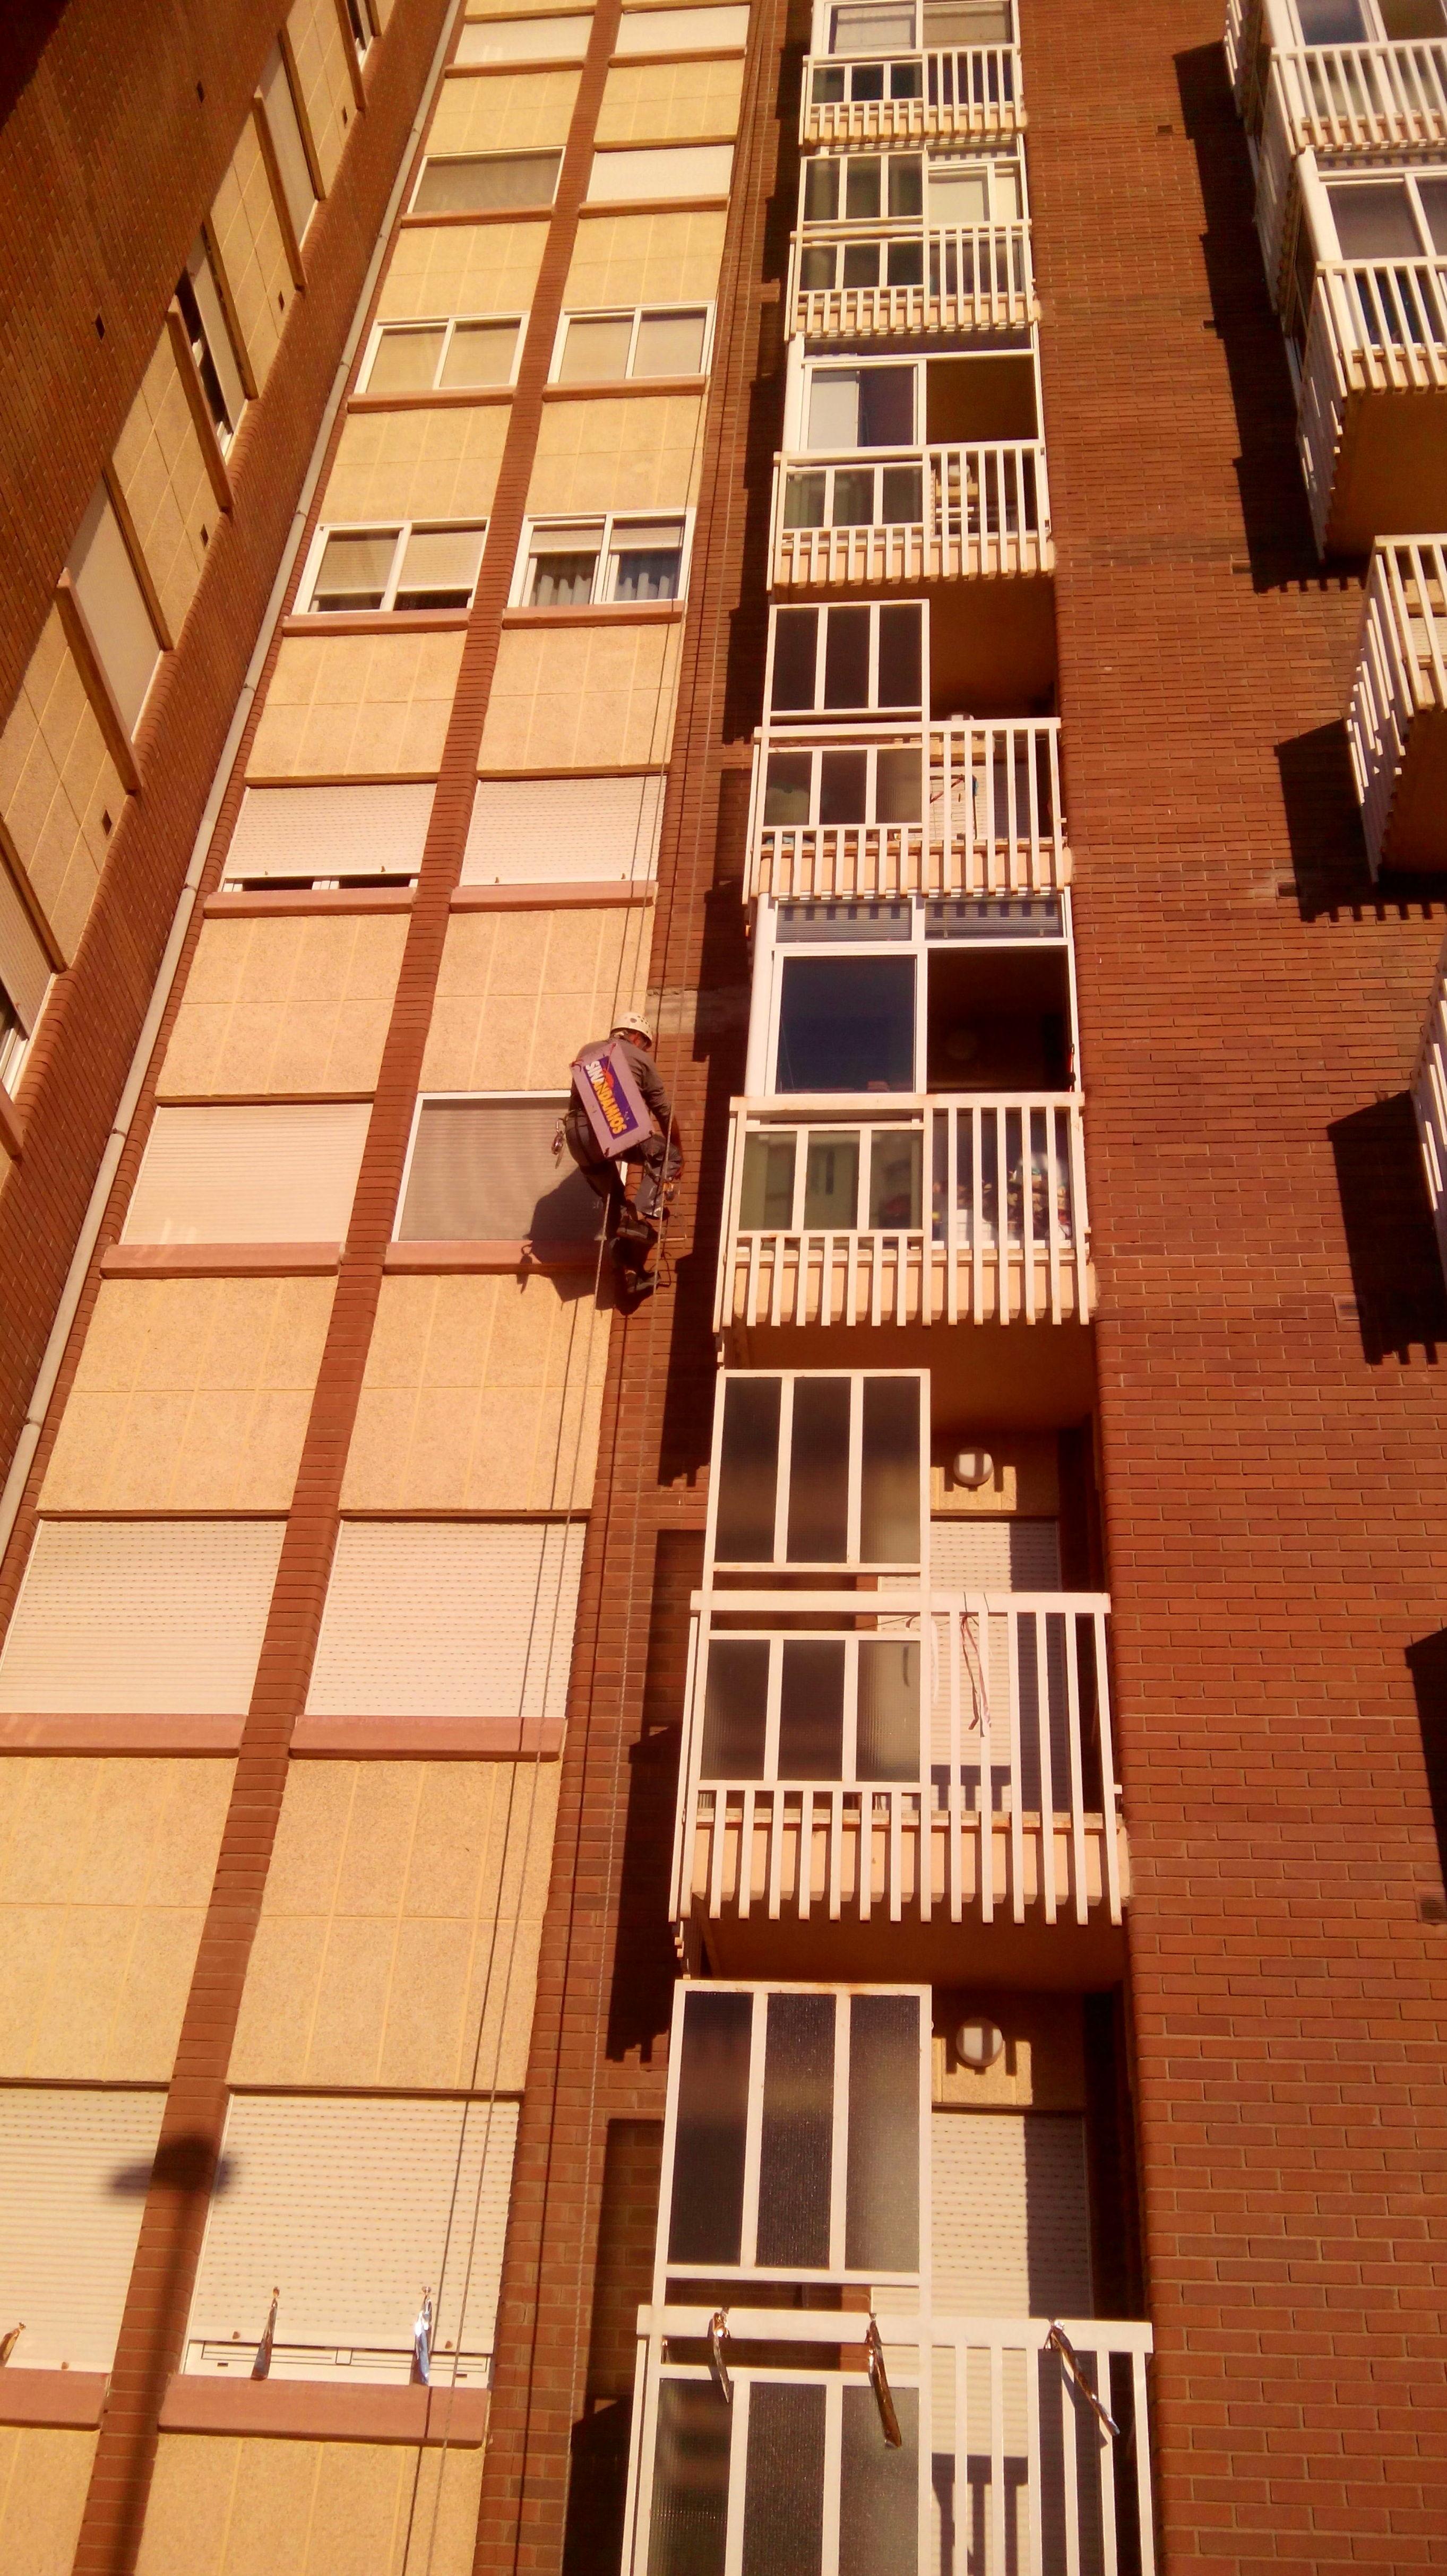 Foto 4 de Canalones en  | SINANDAMIOS ZAMORA, S.L. (Almacén)